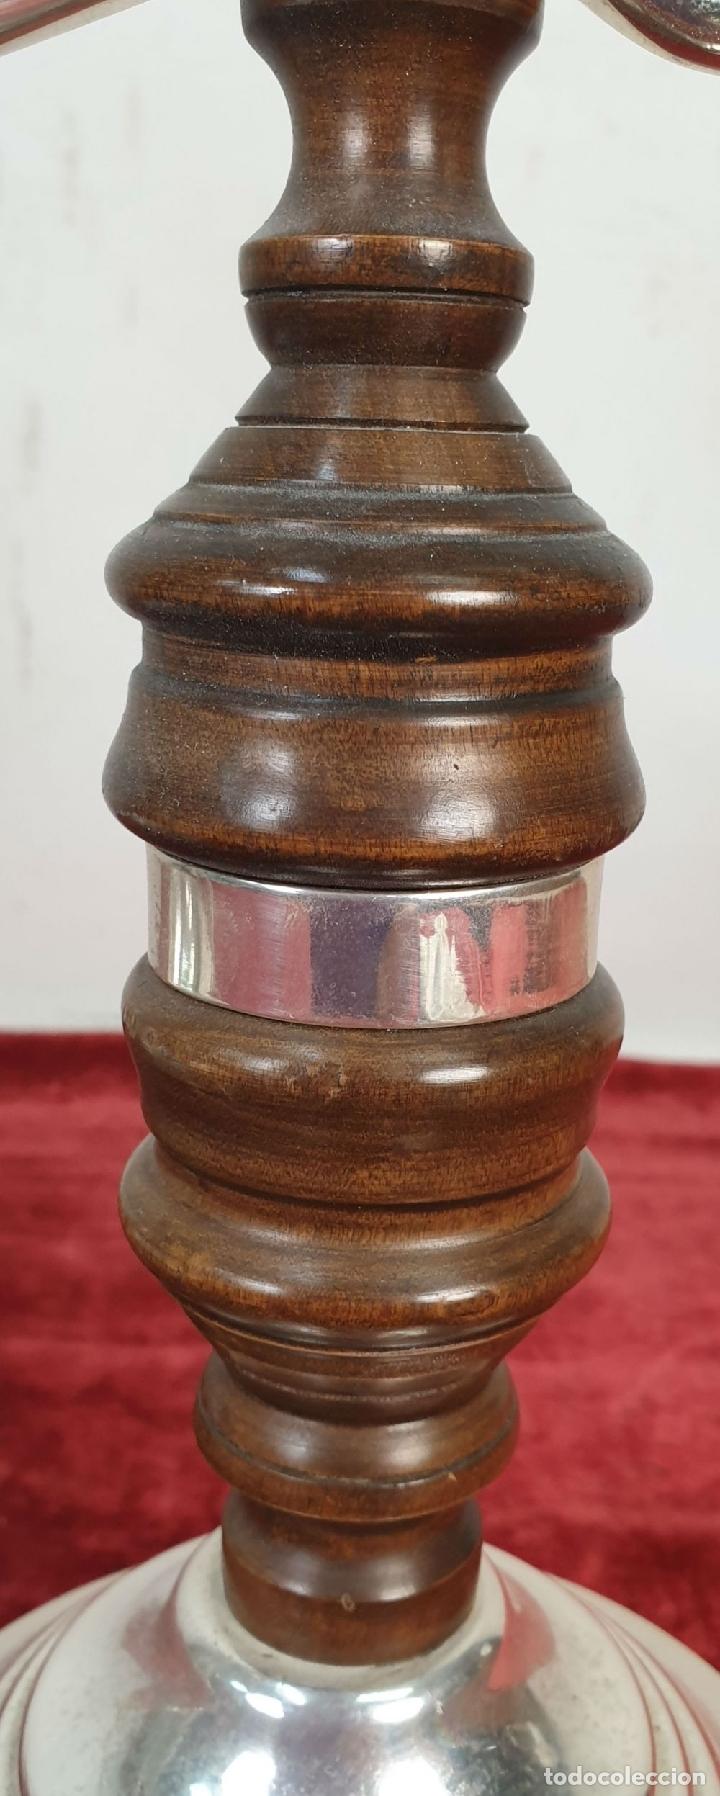 Antigüedades: BALANZA CON CANDELABRO. METAL PLATEADO Y MADERA. SIGLO XX. - Foto 8 - 182456160